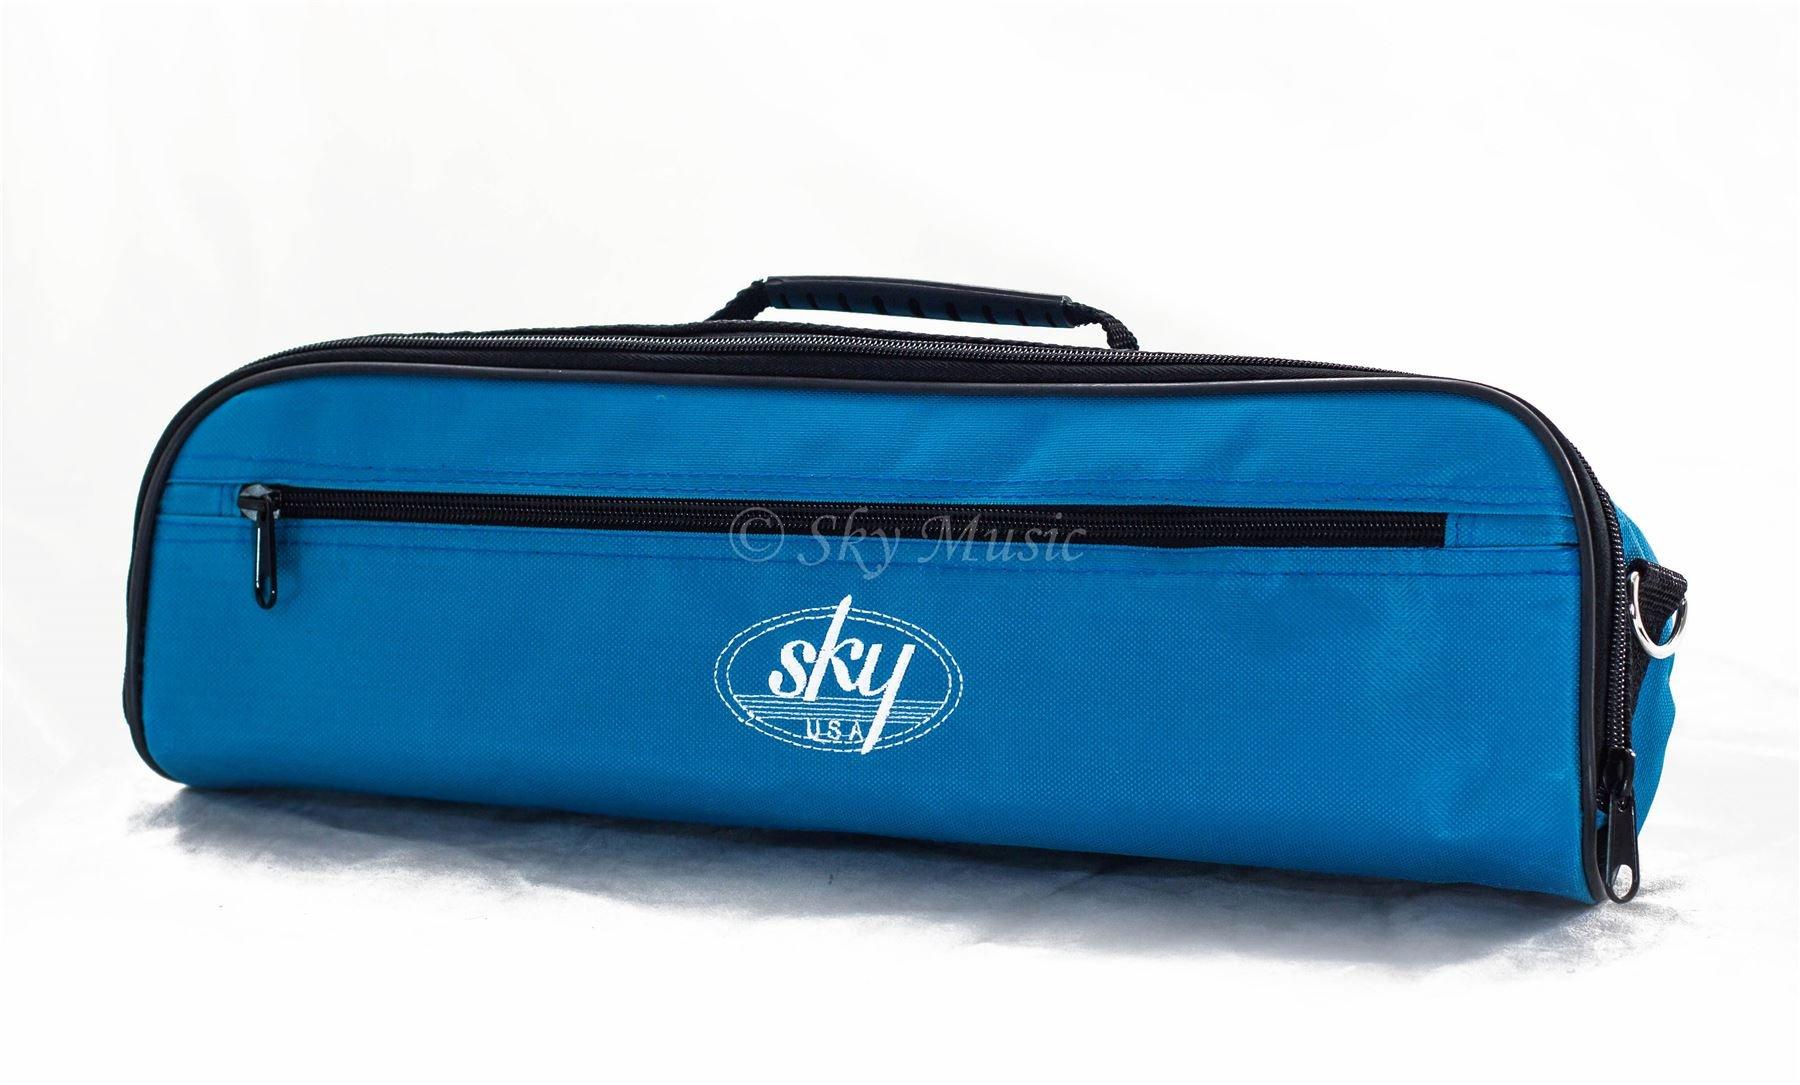 Sky Brand New C Flute Hard Case Cover w Side Pocket/Handle/Strap Sky Blue Color